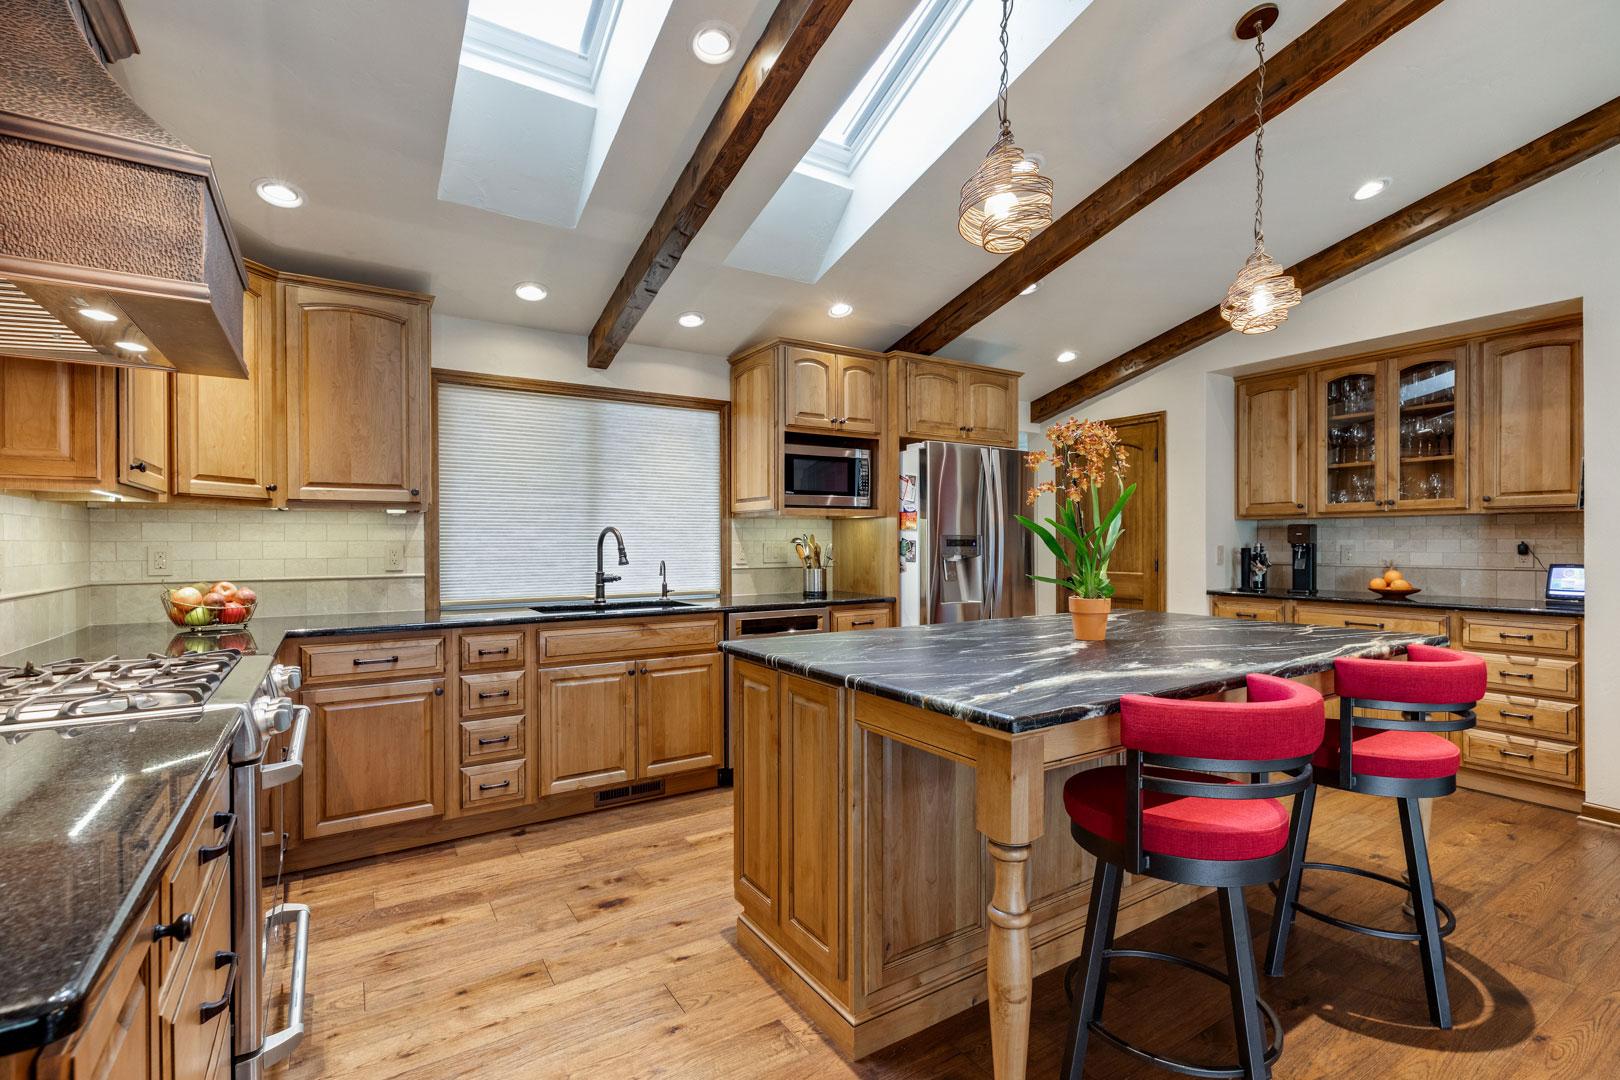 kitchen remodel, home remodeler - Henderer Design + Build, Corvallis OR